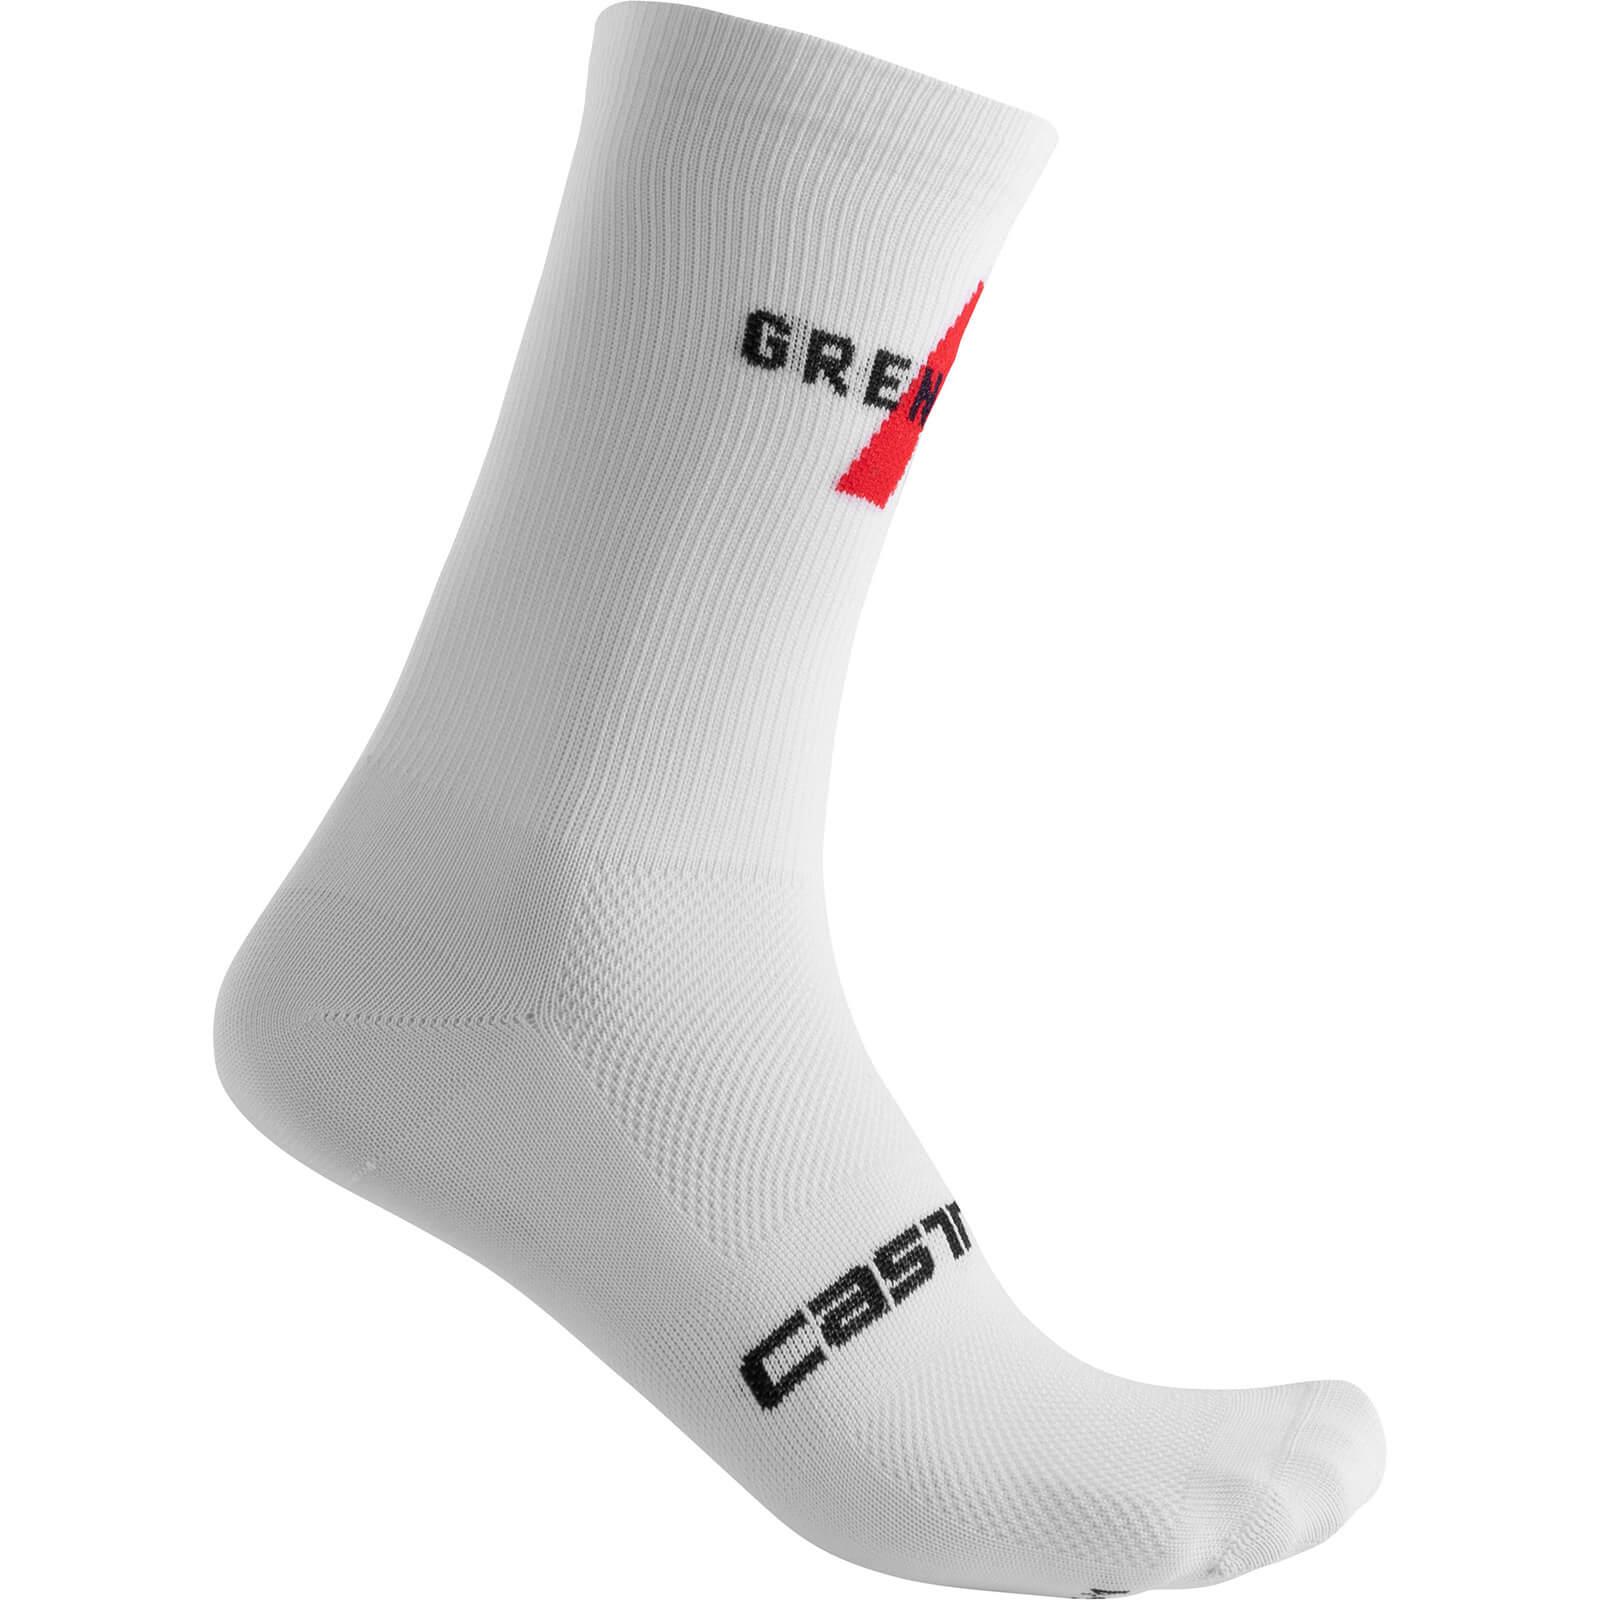 Castelli Velocissimo 2 Bib Tights - S - Black/reflex